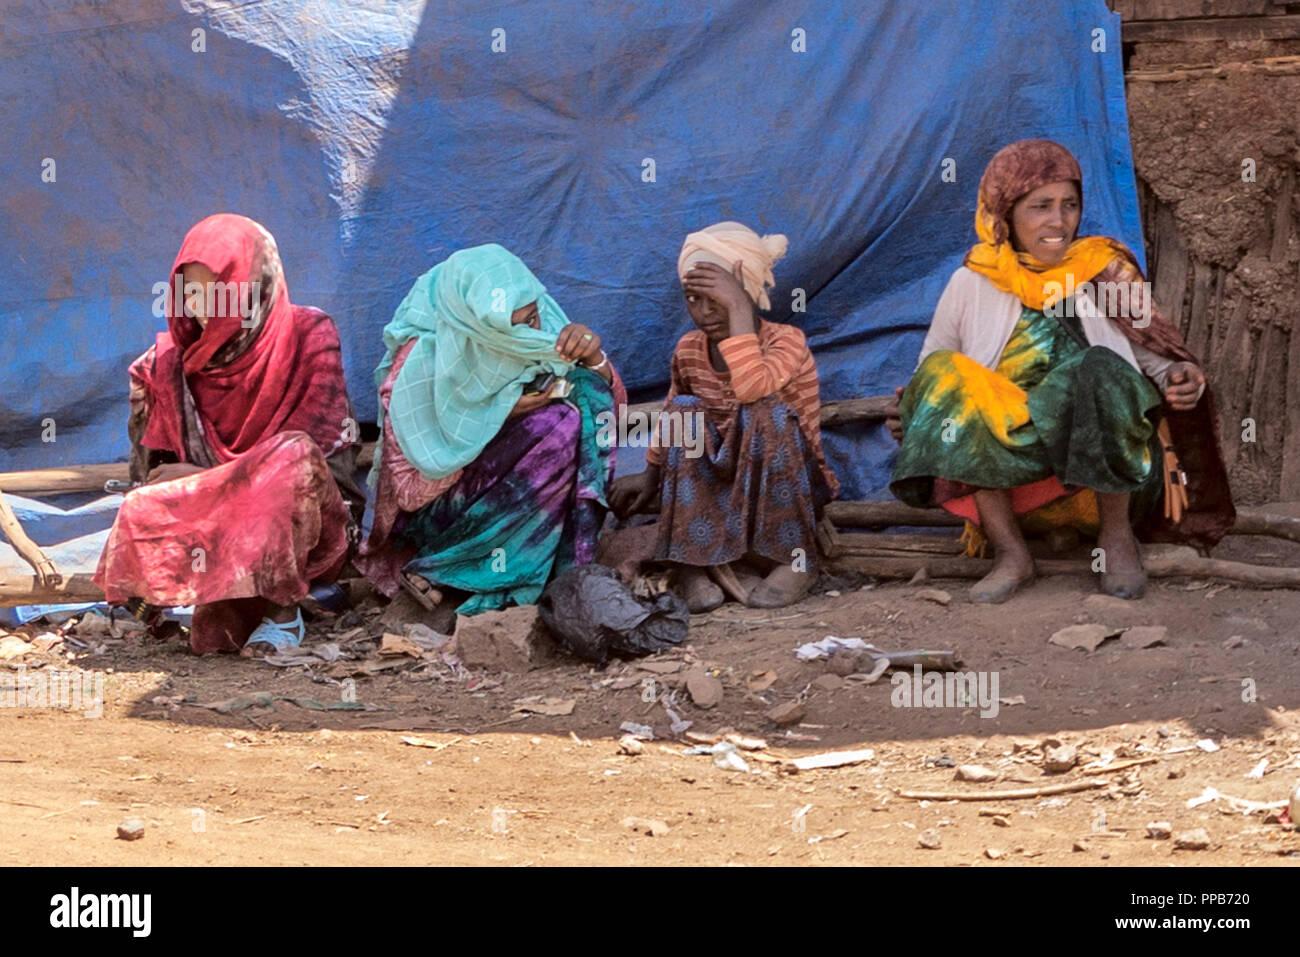 Dolo mercato Mena, Regione Oromia, Etiopia. Varie risposte a una telecamera Immagini Stock